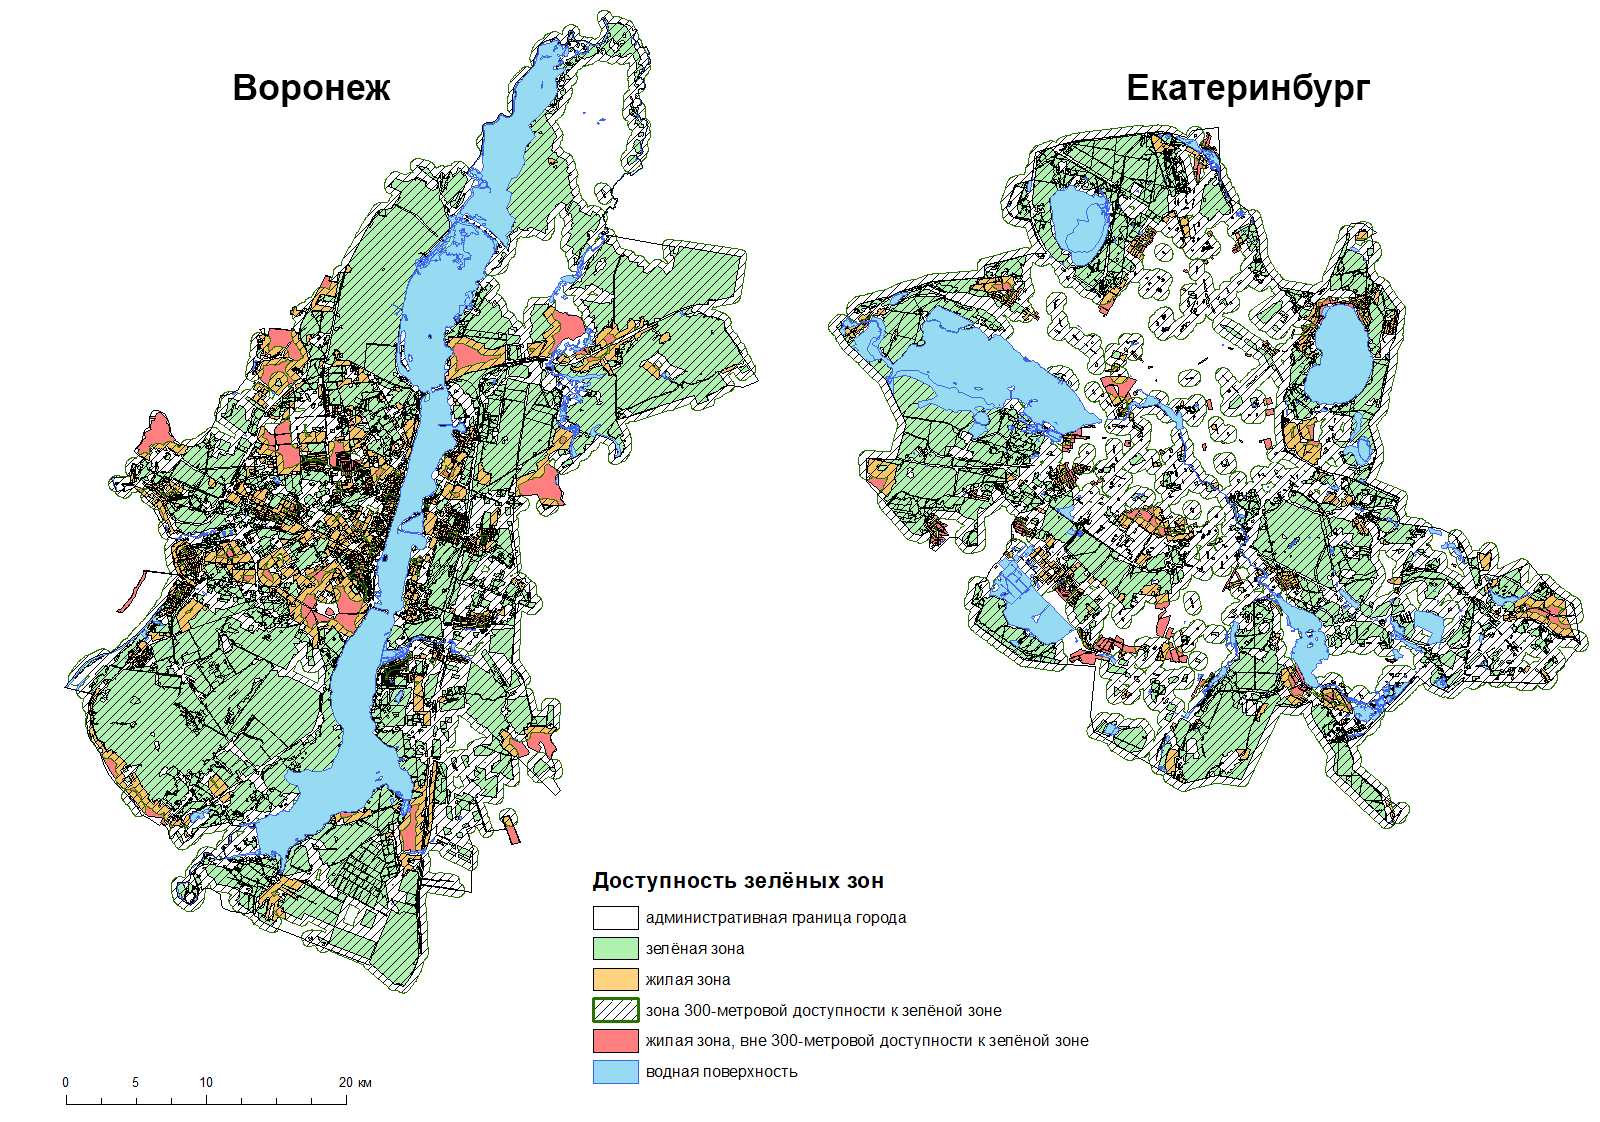 Зелёные зоны Воронежа и Екатеринбурга